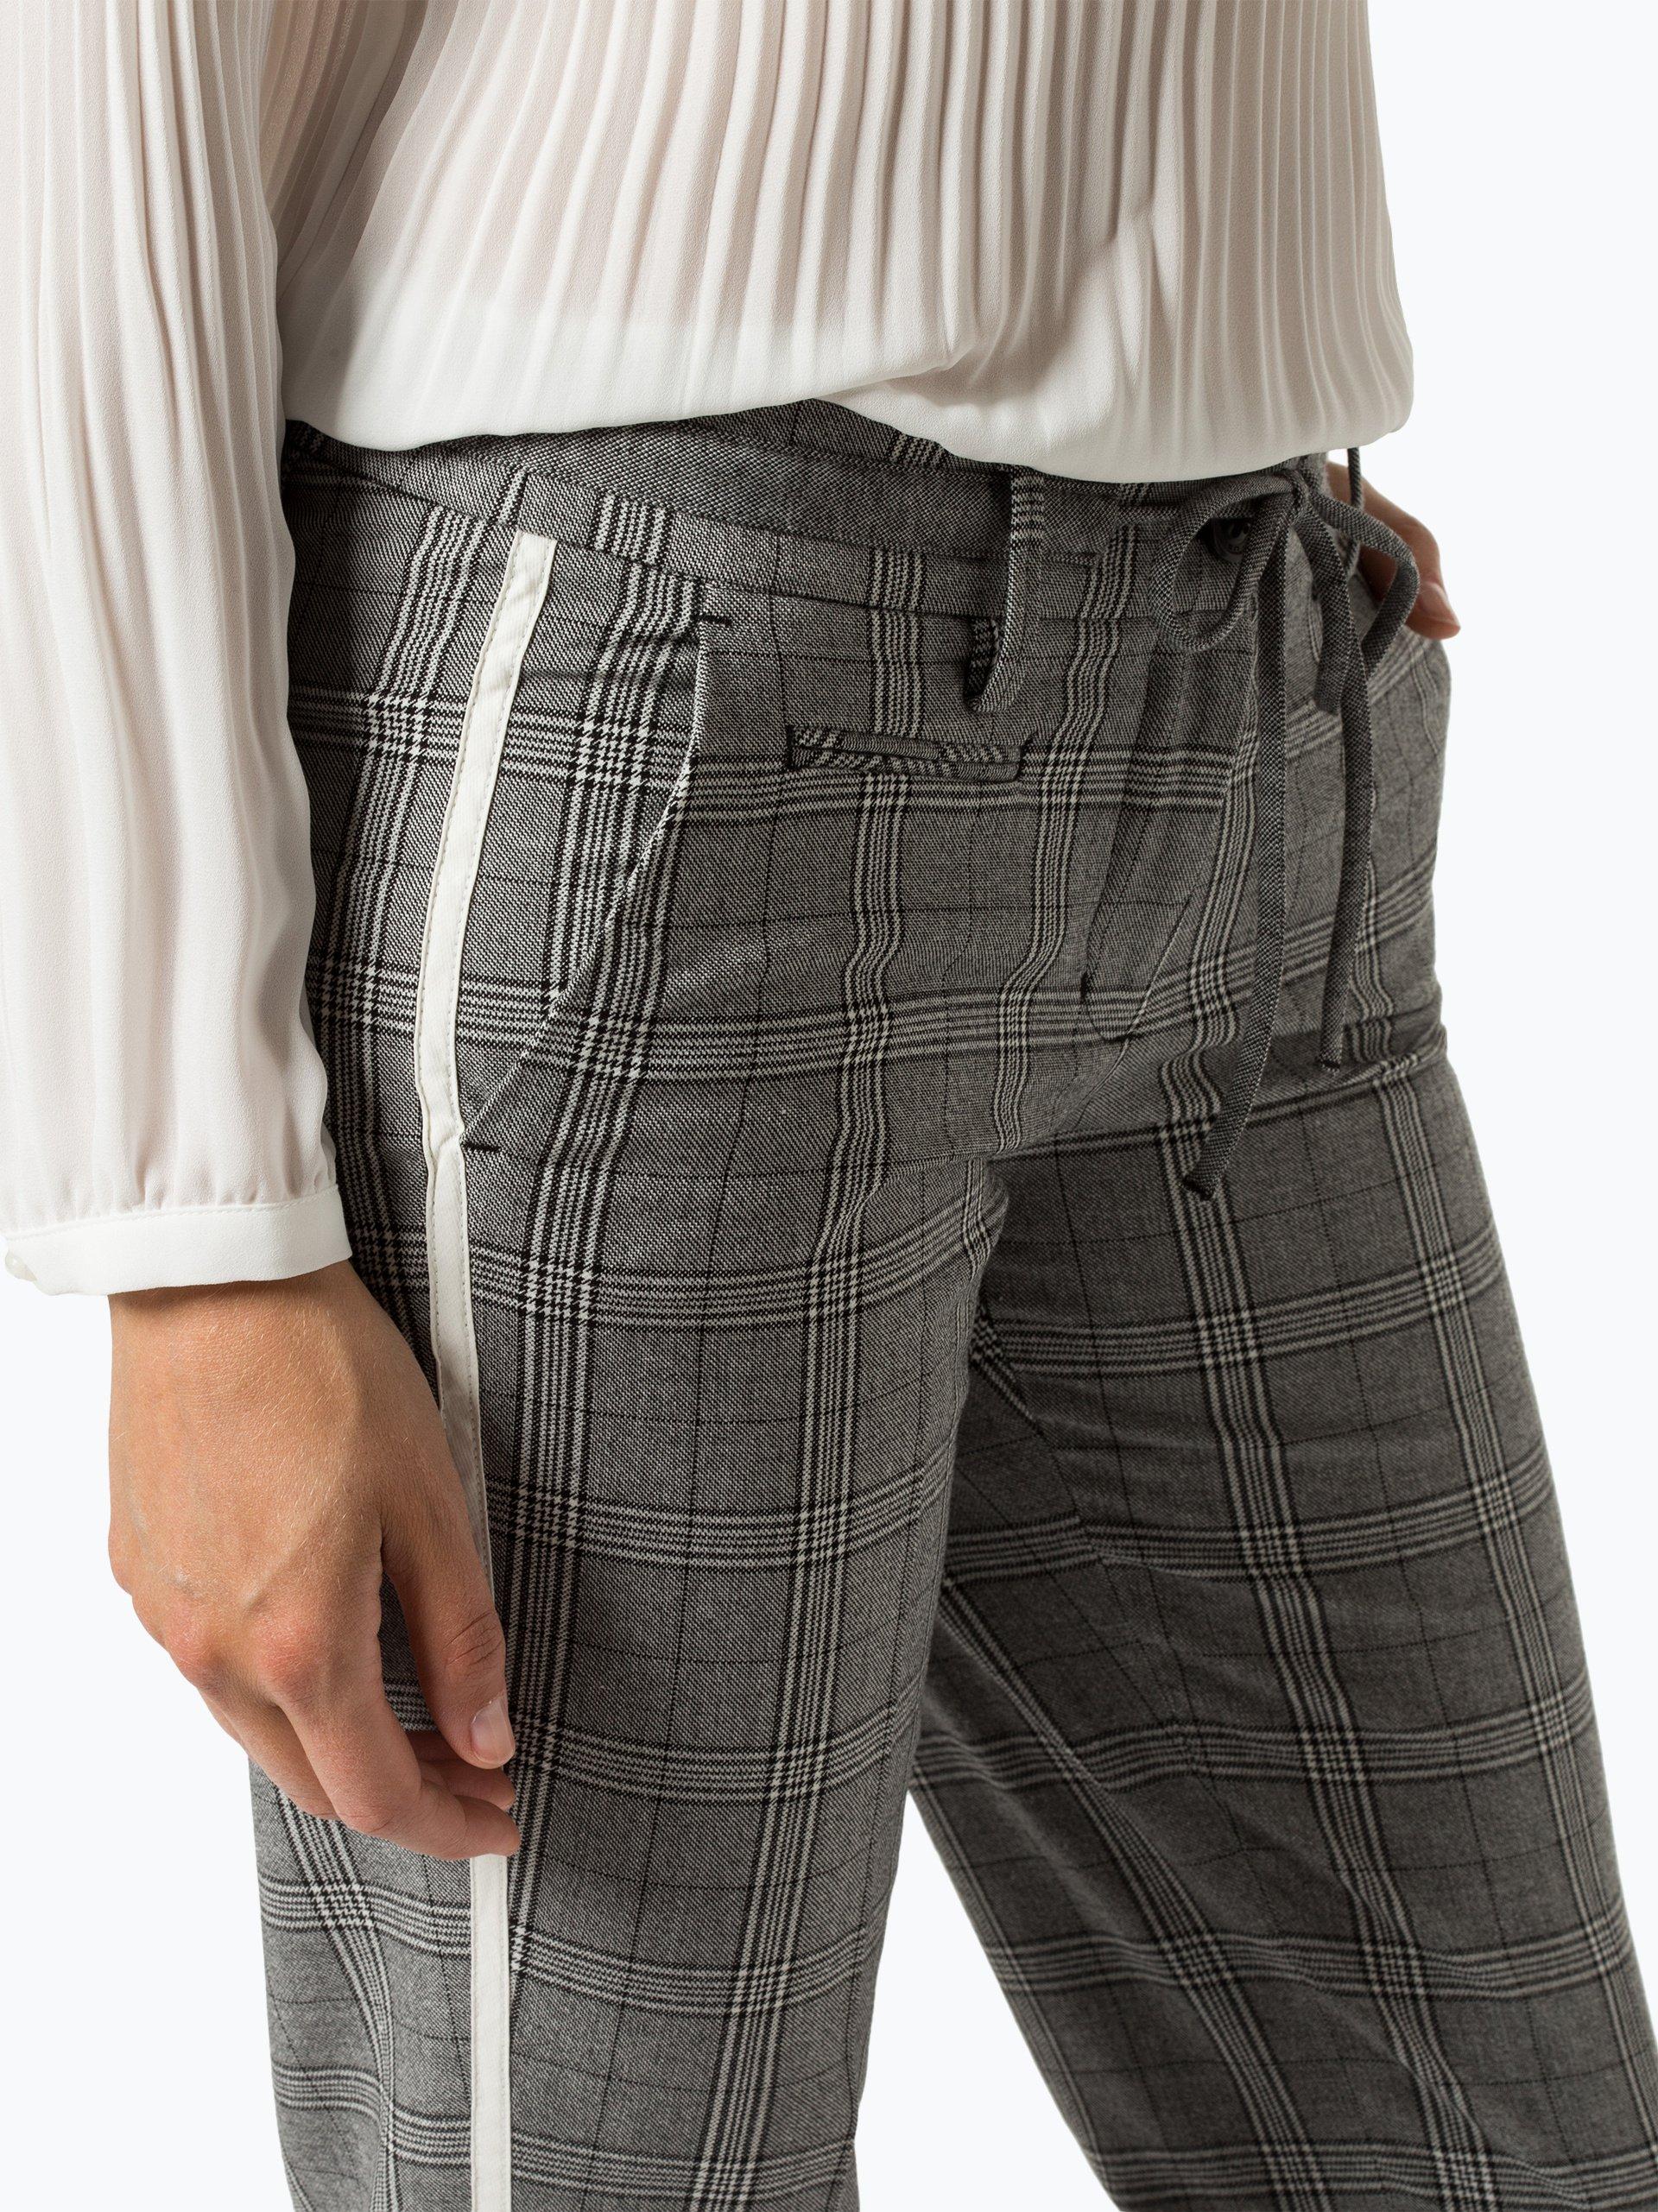 Opus Spodnie damskie – Mirjami Check